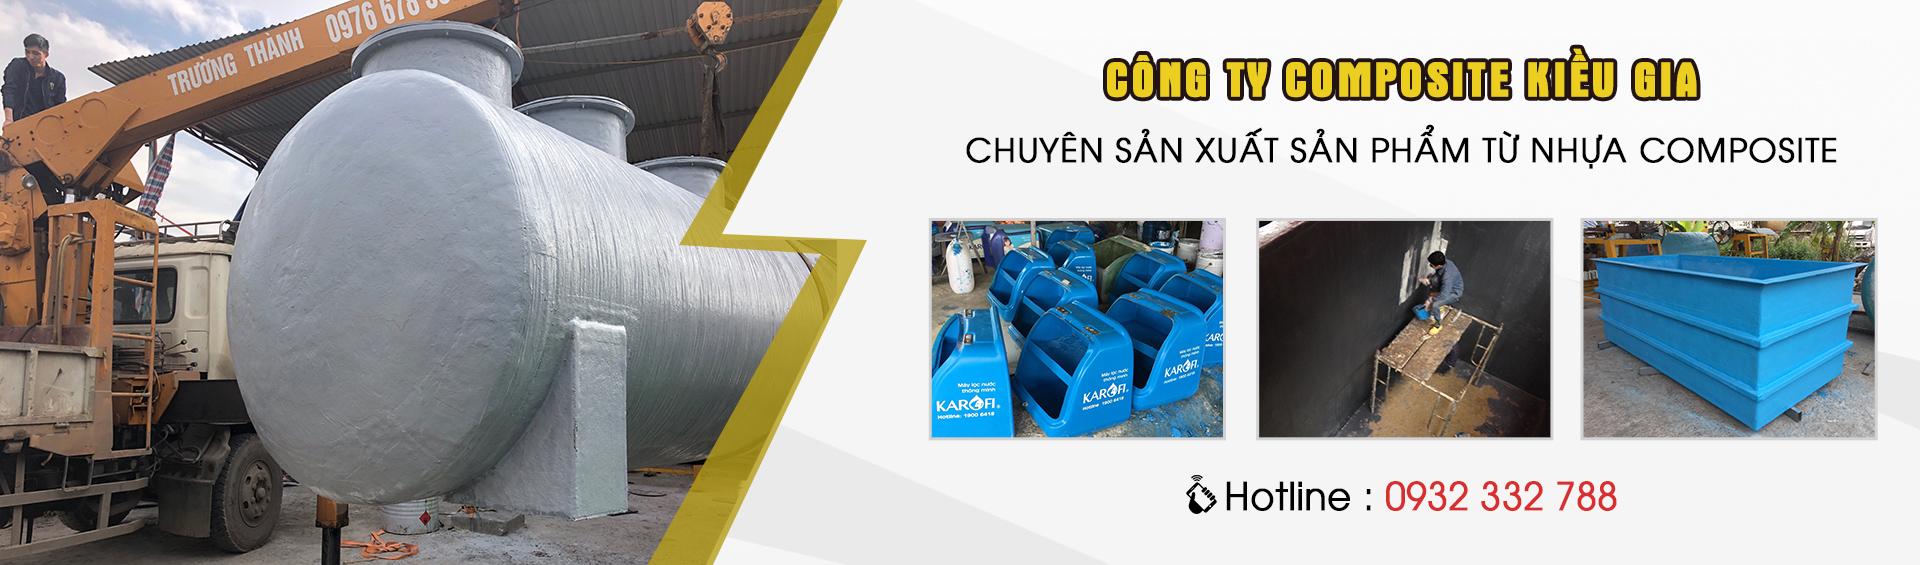 banner-compositevietnam02